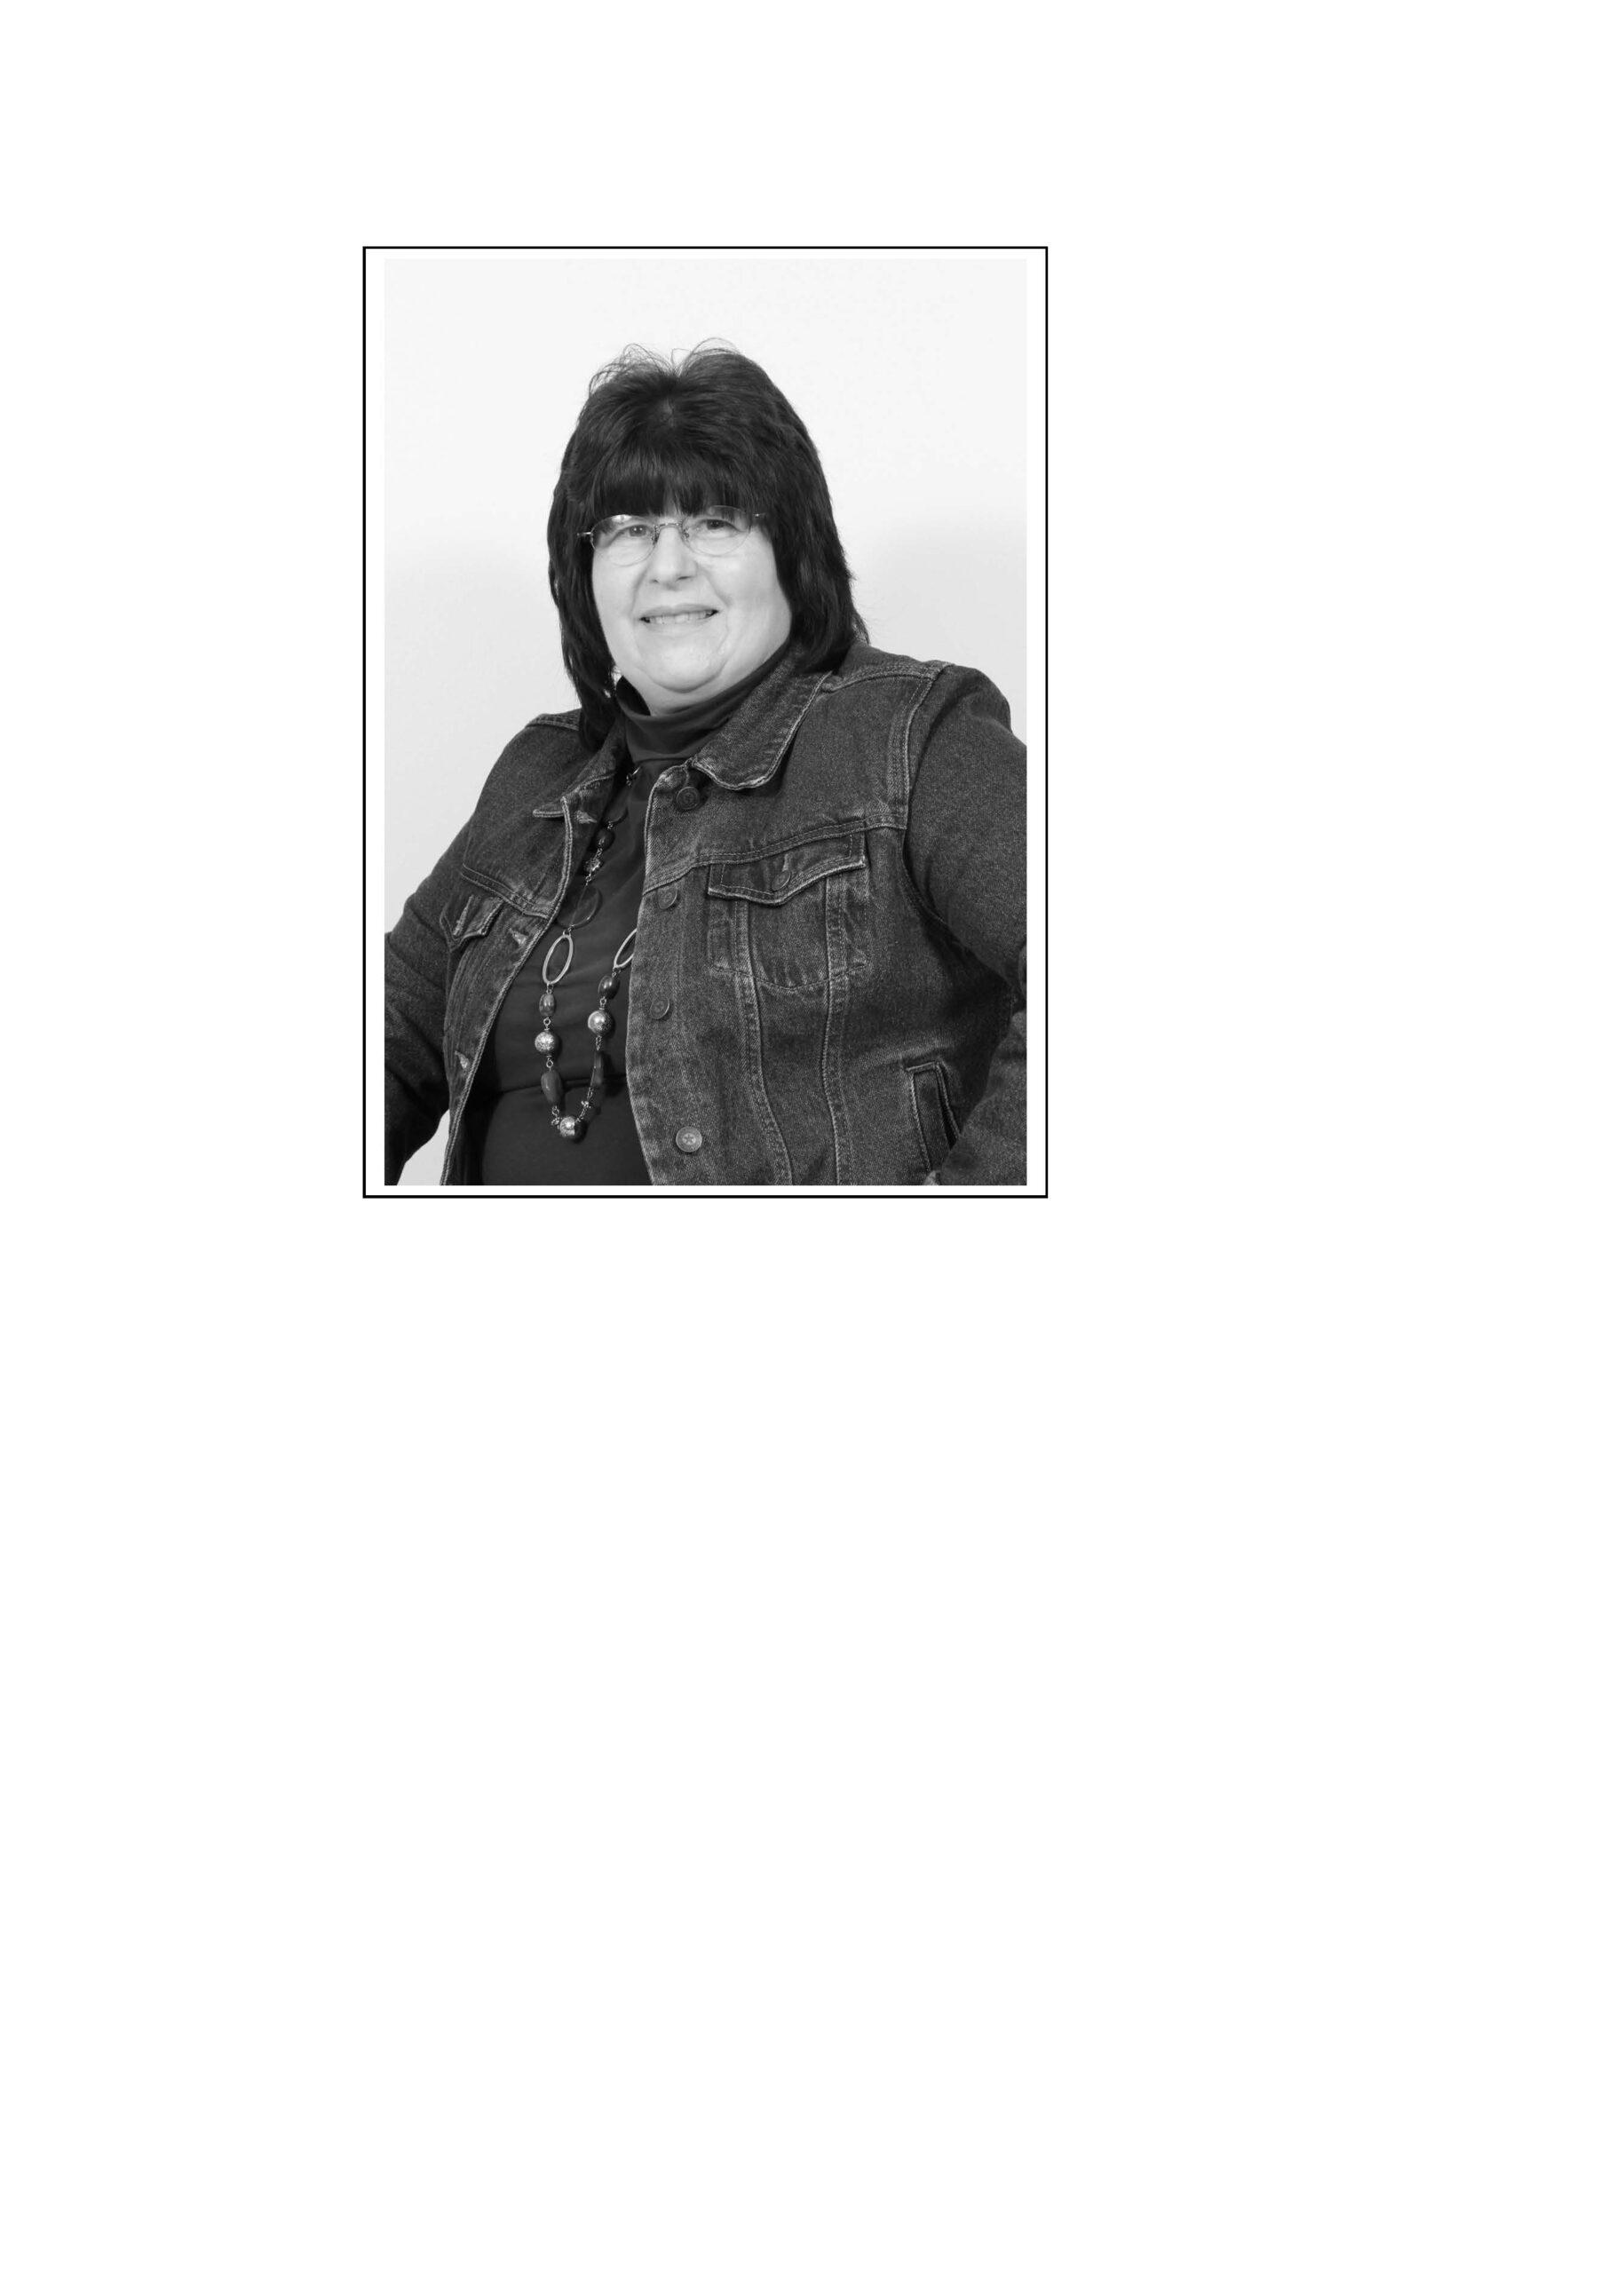 2021 Brenda Richman3